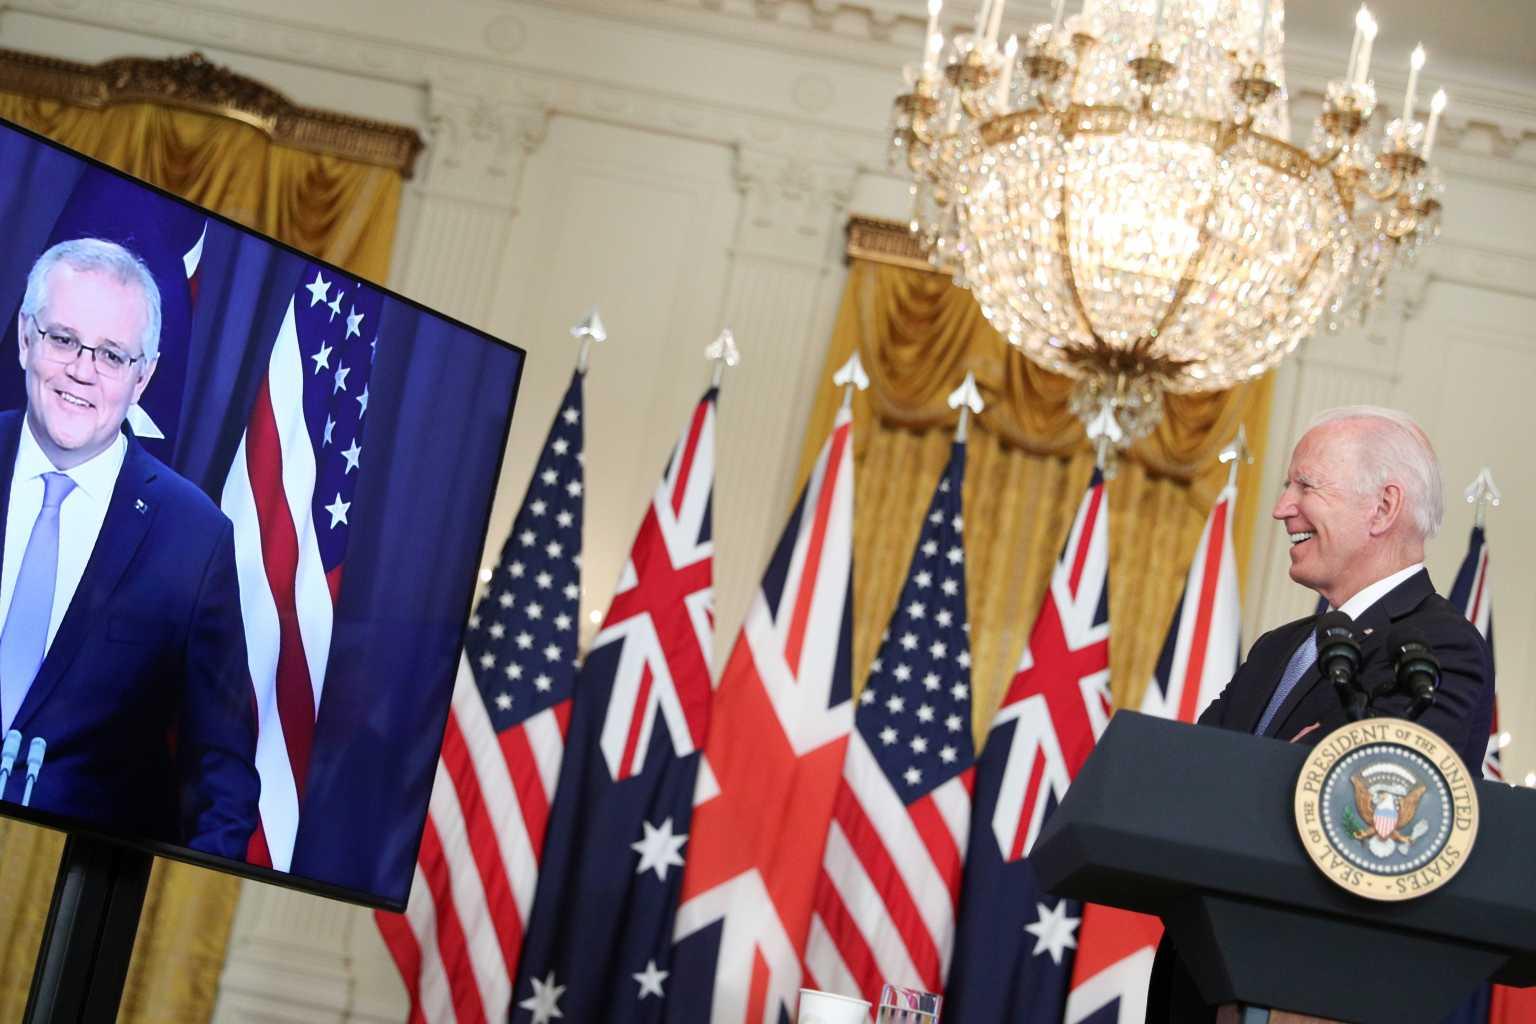 Ο Τζο Μπάιντεν ξέχασε το όνομα του πρωθυπουργού της Αυστραλίας: «Αυτός ο τύπος εκεί κάτω»